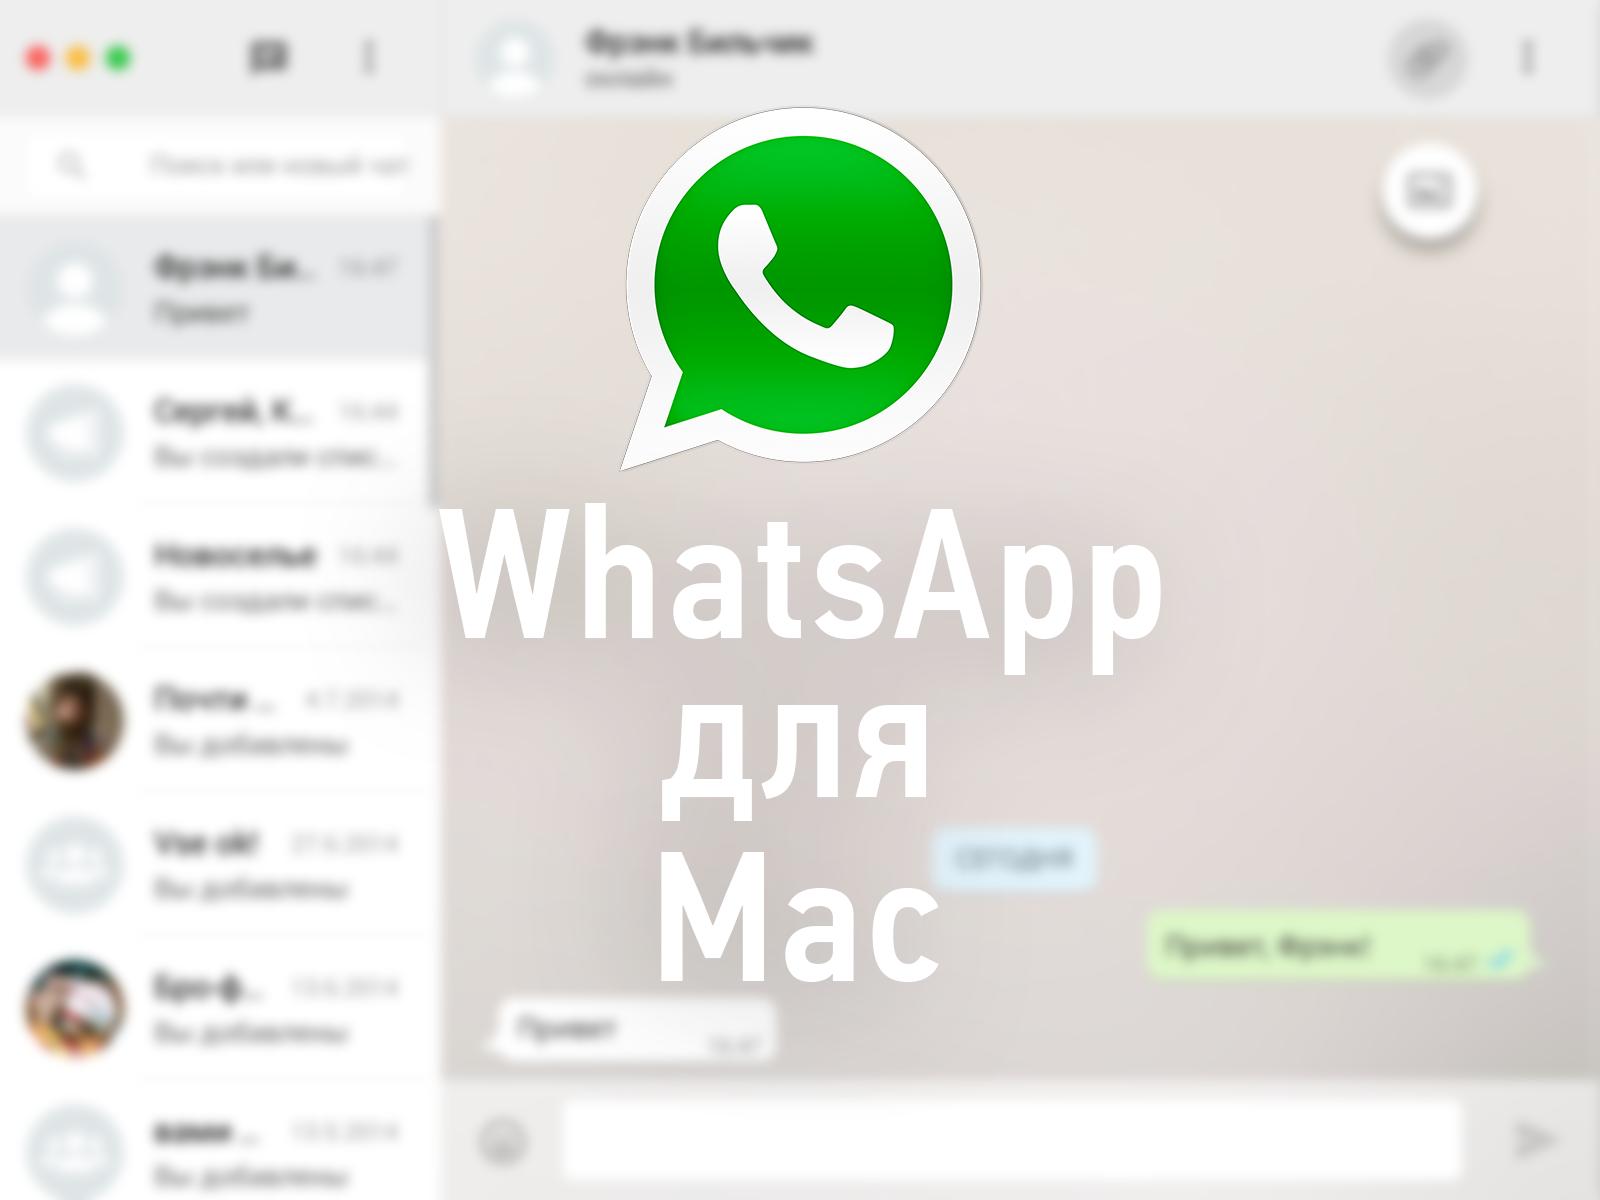 WhatsMac мессенджер для Mac. Но не для всех